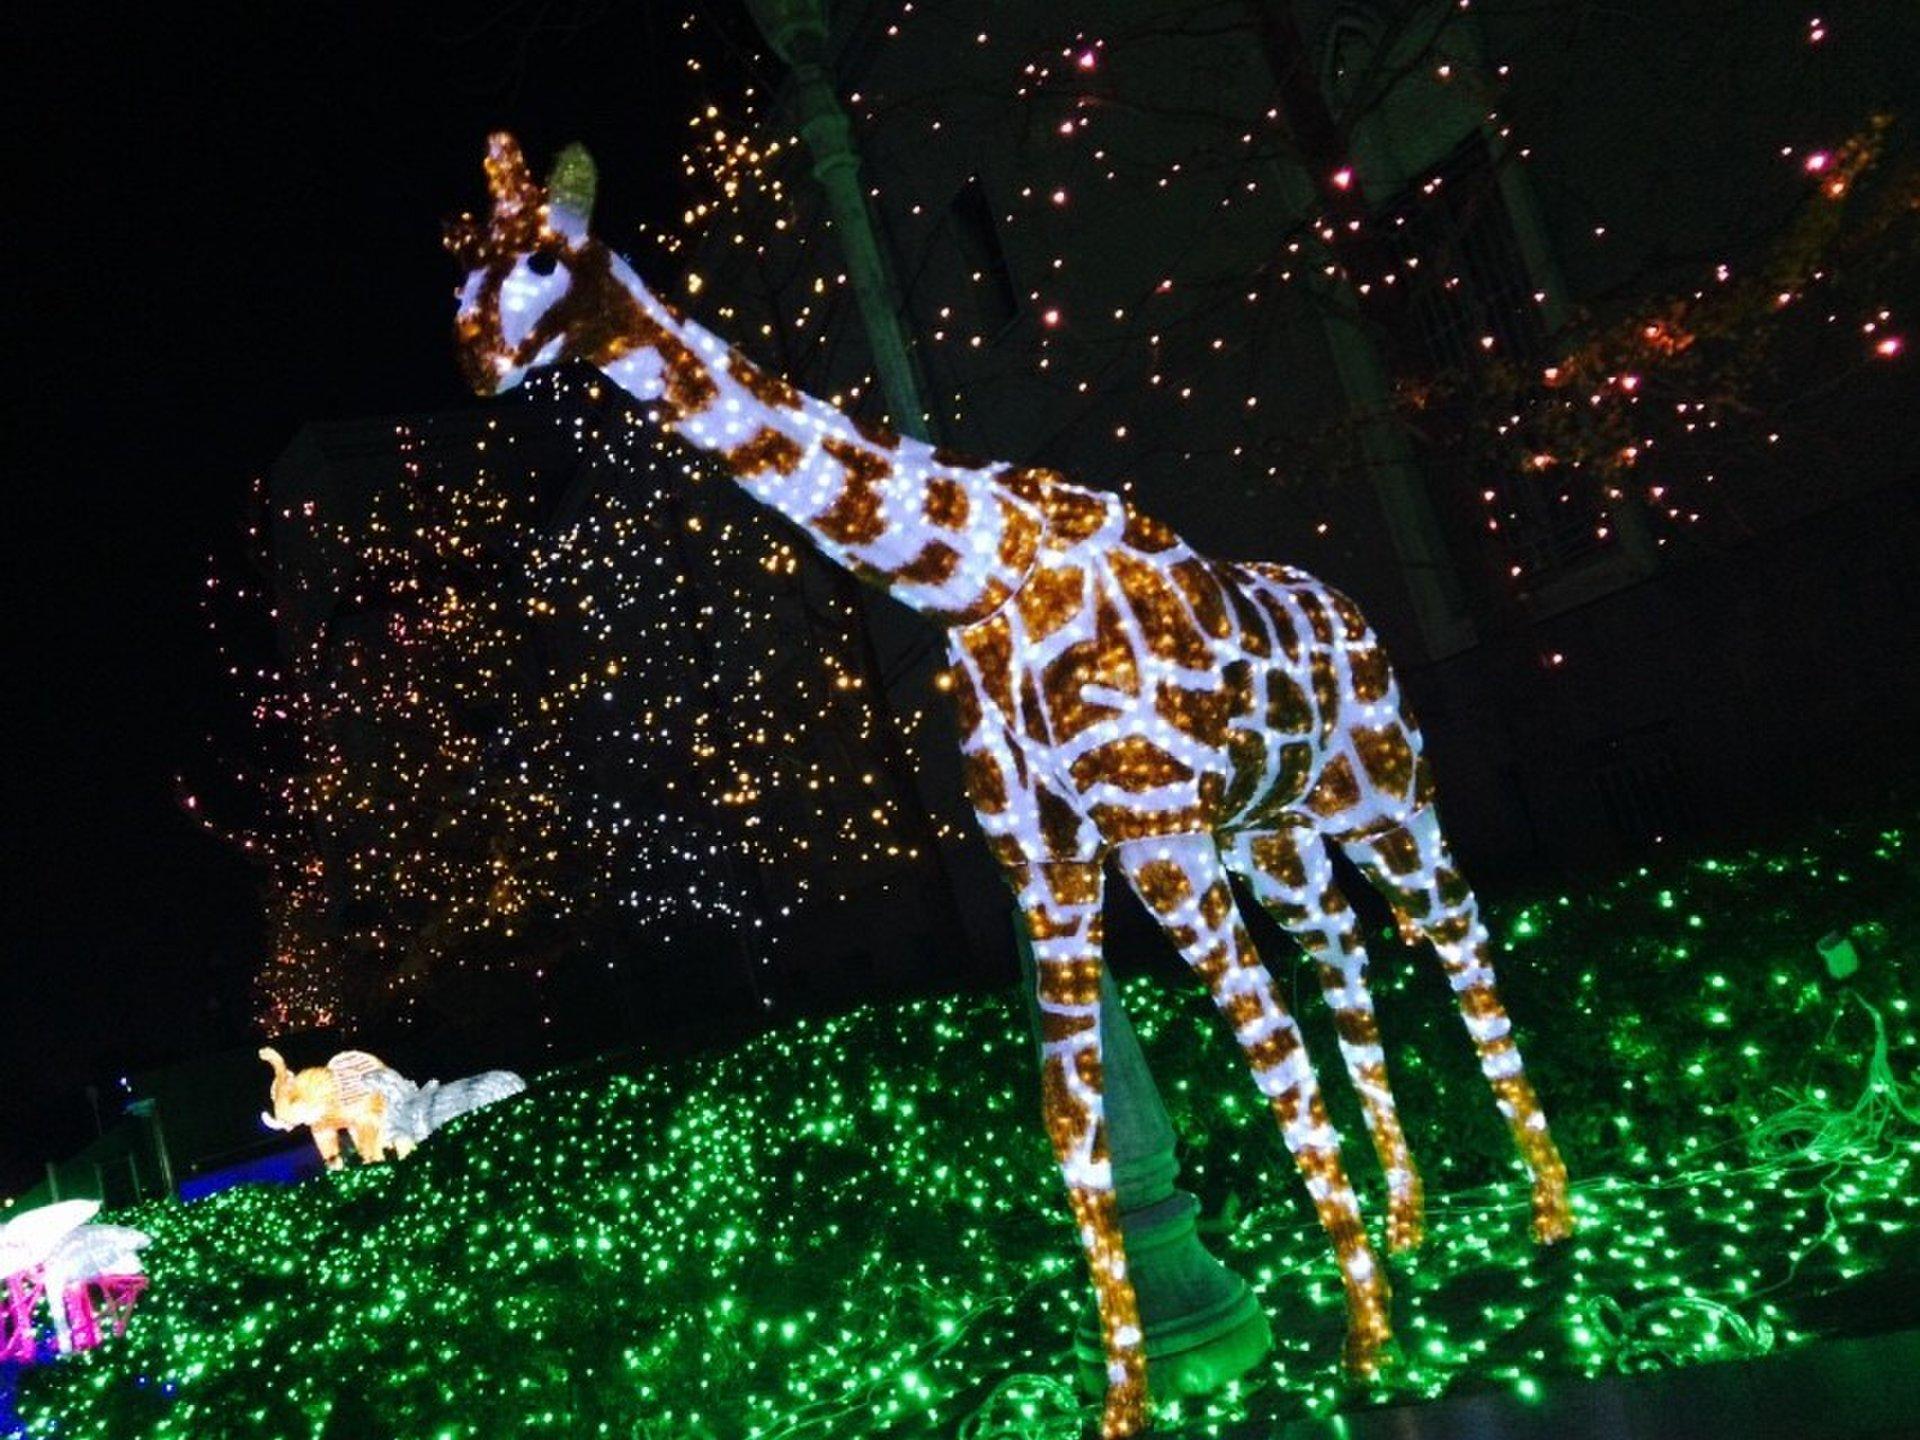 【この冬行きたい神秘的な動物園】大阪の天王寺動物園のイルミネーションがデートにぴったり♪